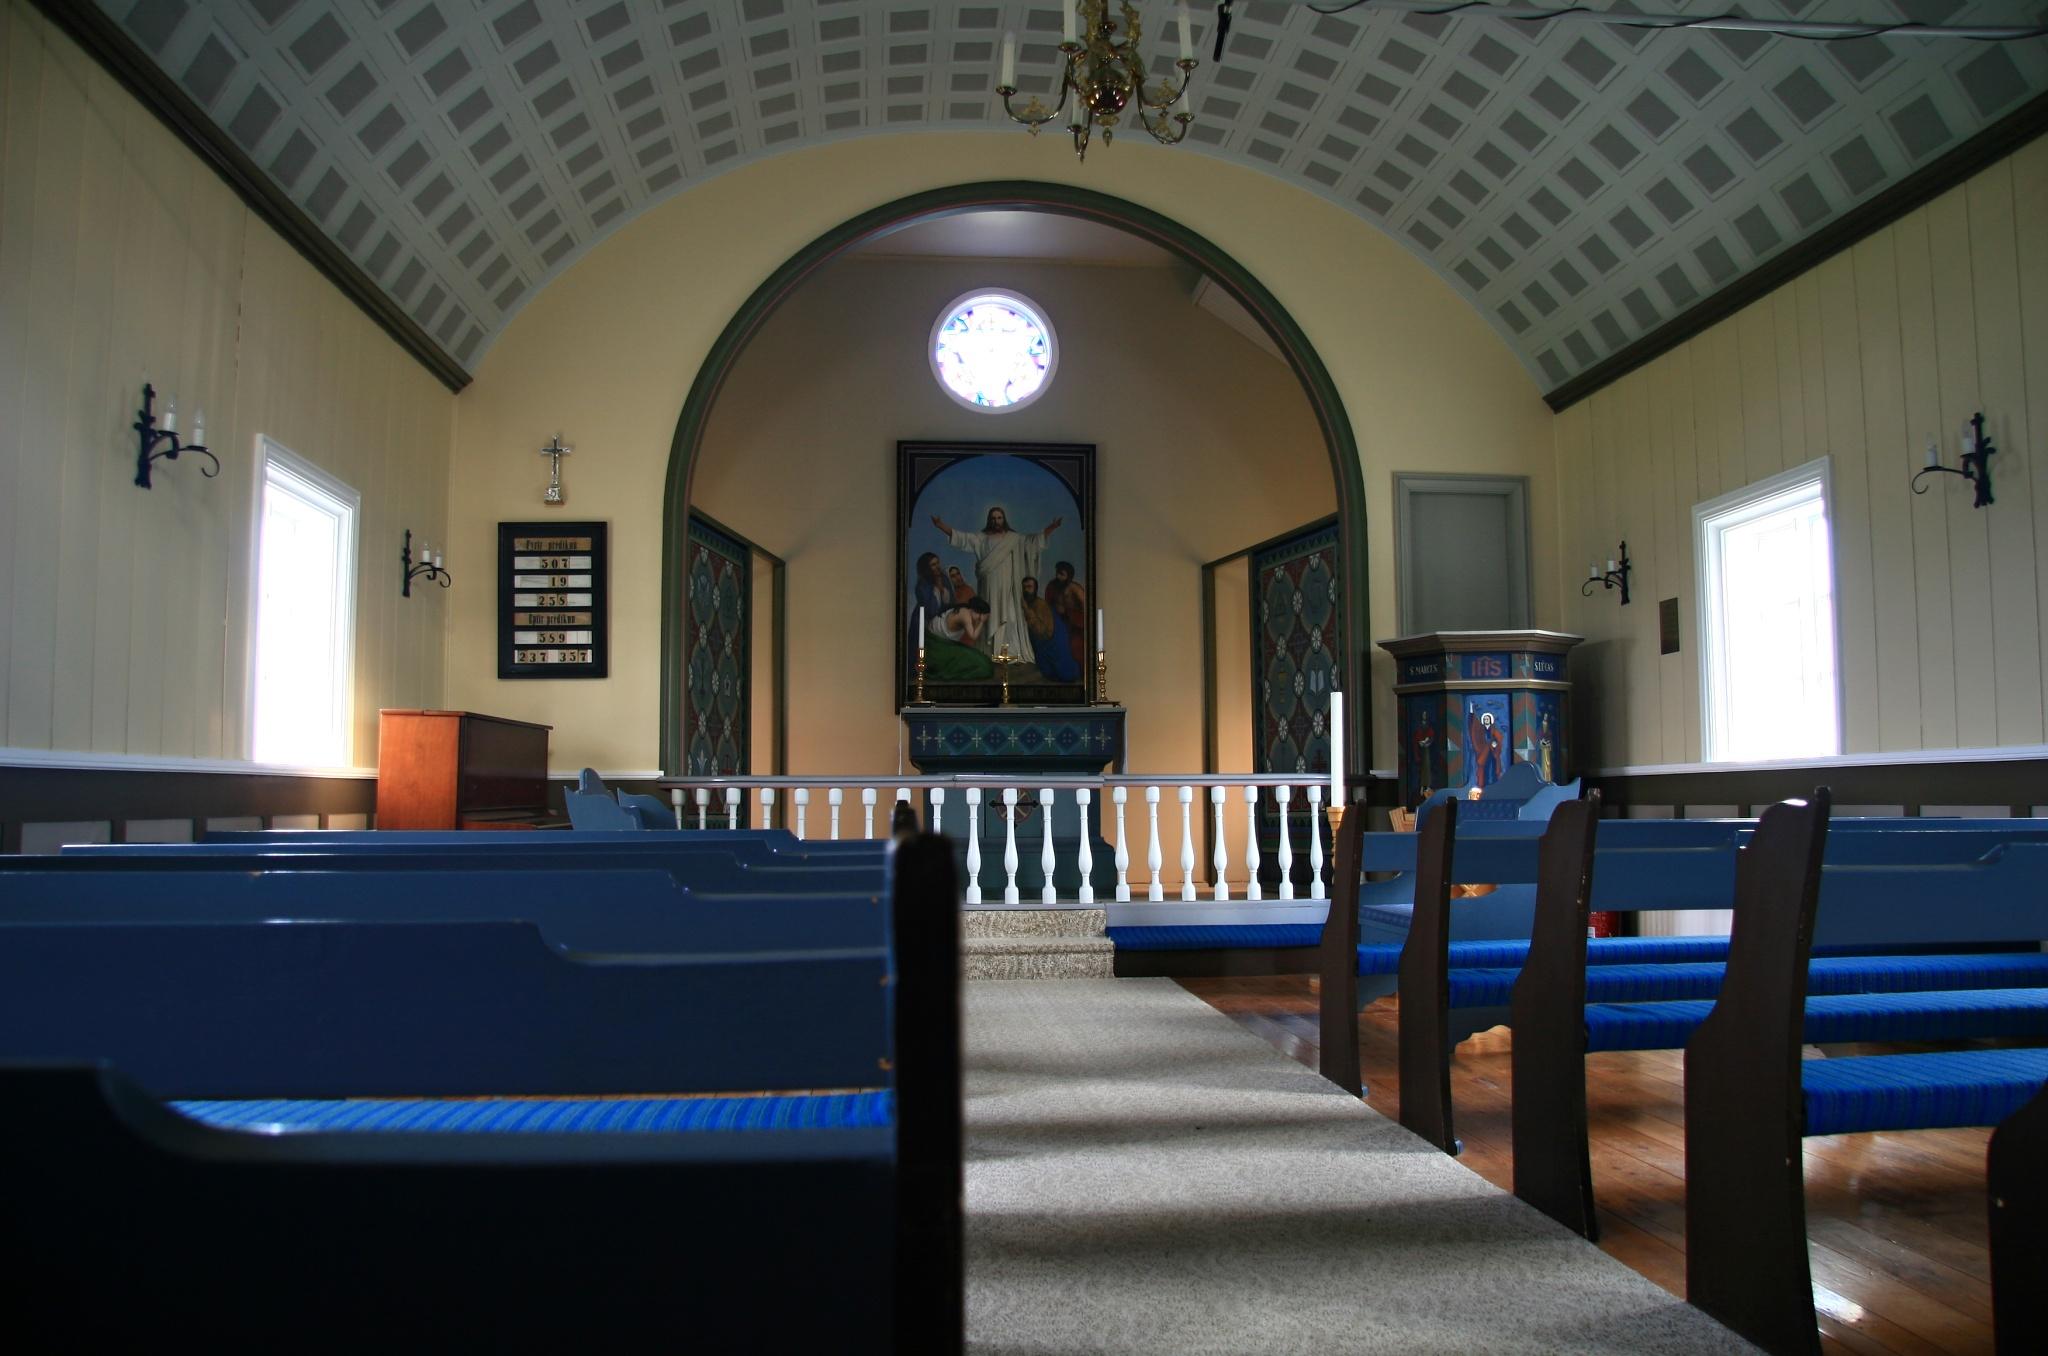 Interiér kostela Grenjaðarstaðakirkja